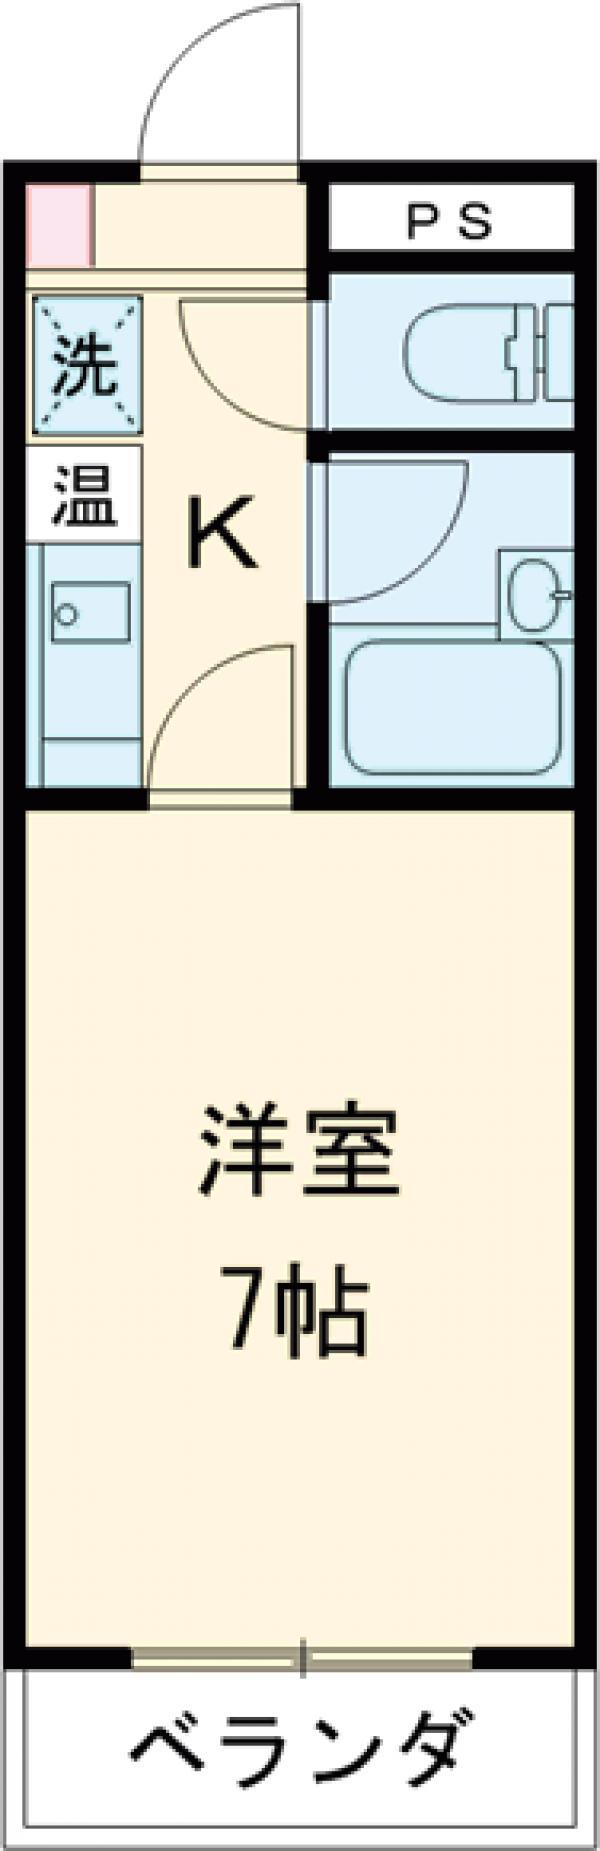 大塚堰場ハイツ・117号室の間取り